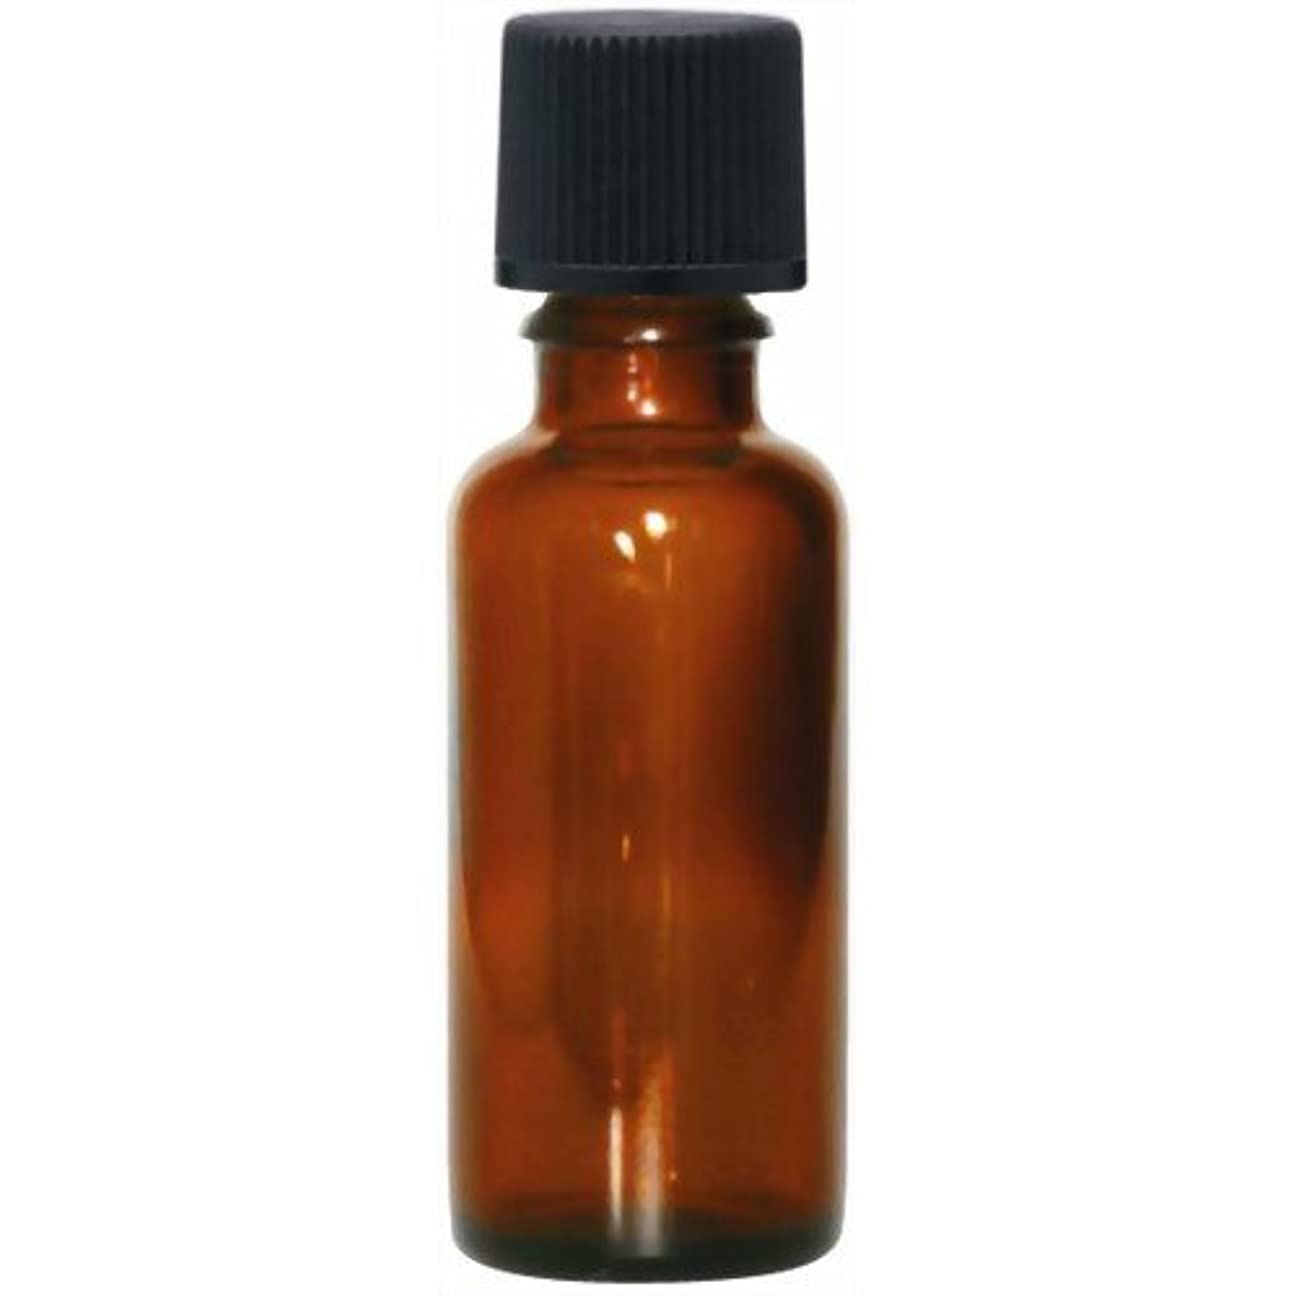 ラベンダーサーバント牧草地茶色遮光瓶30ml(黒キャップ)